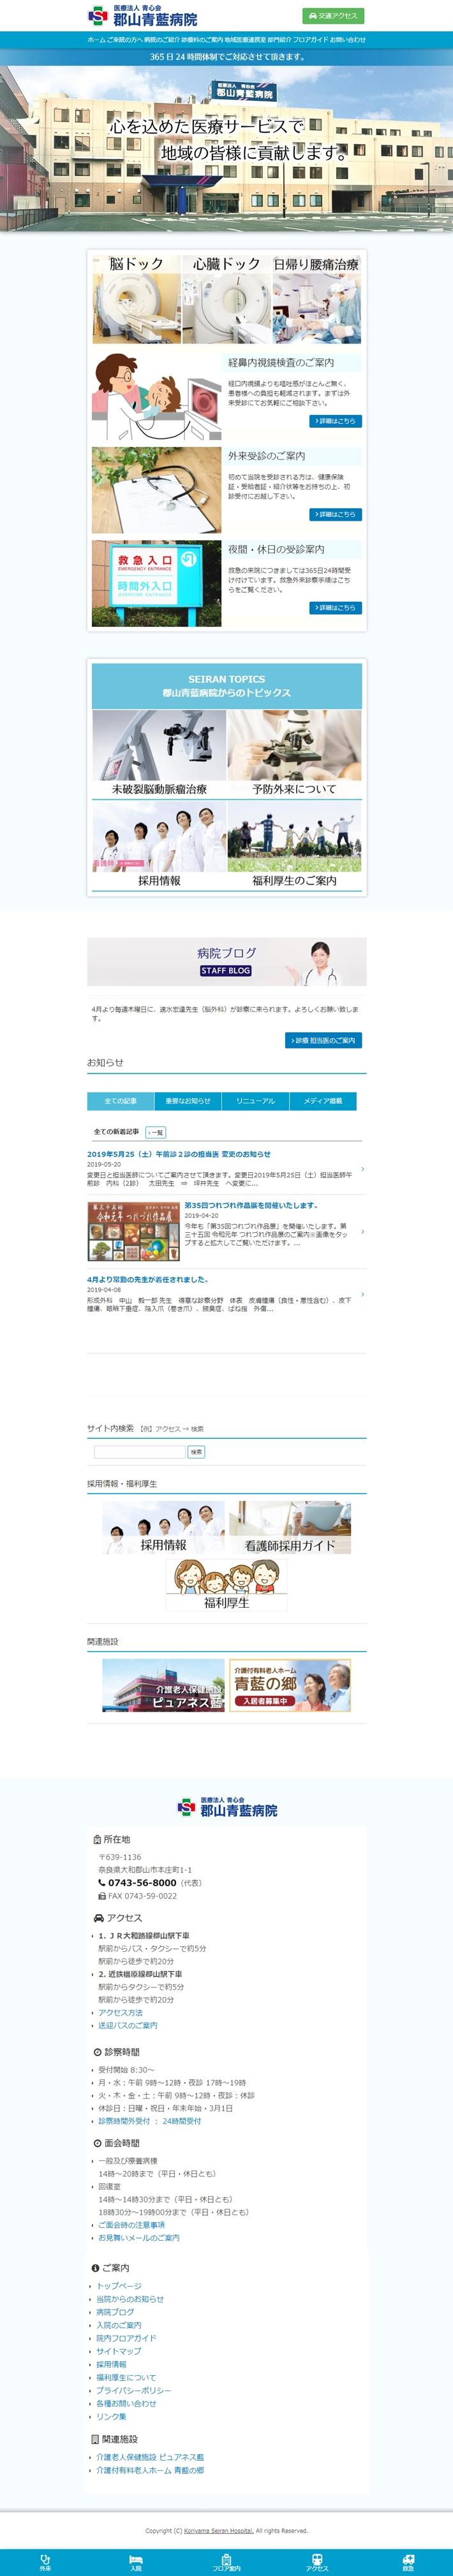 郡山青藍病院 ウェブサイト タブレット(iPad)表示